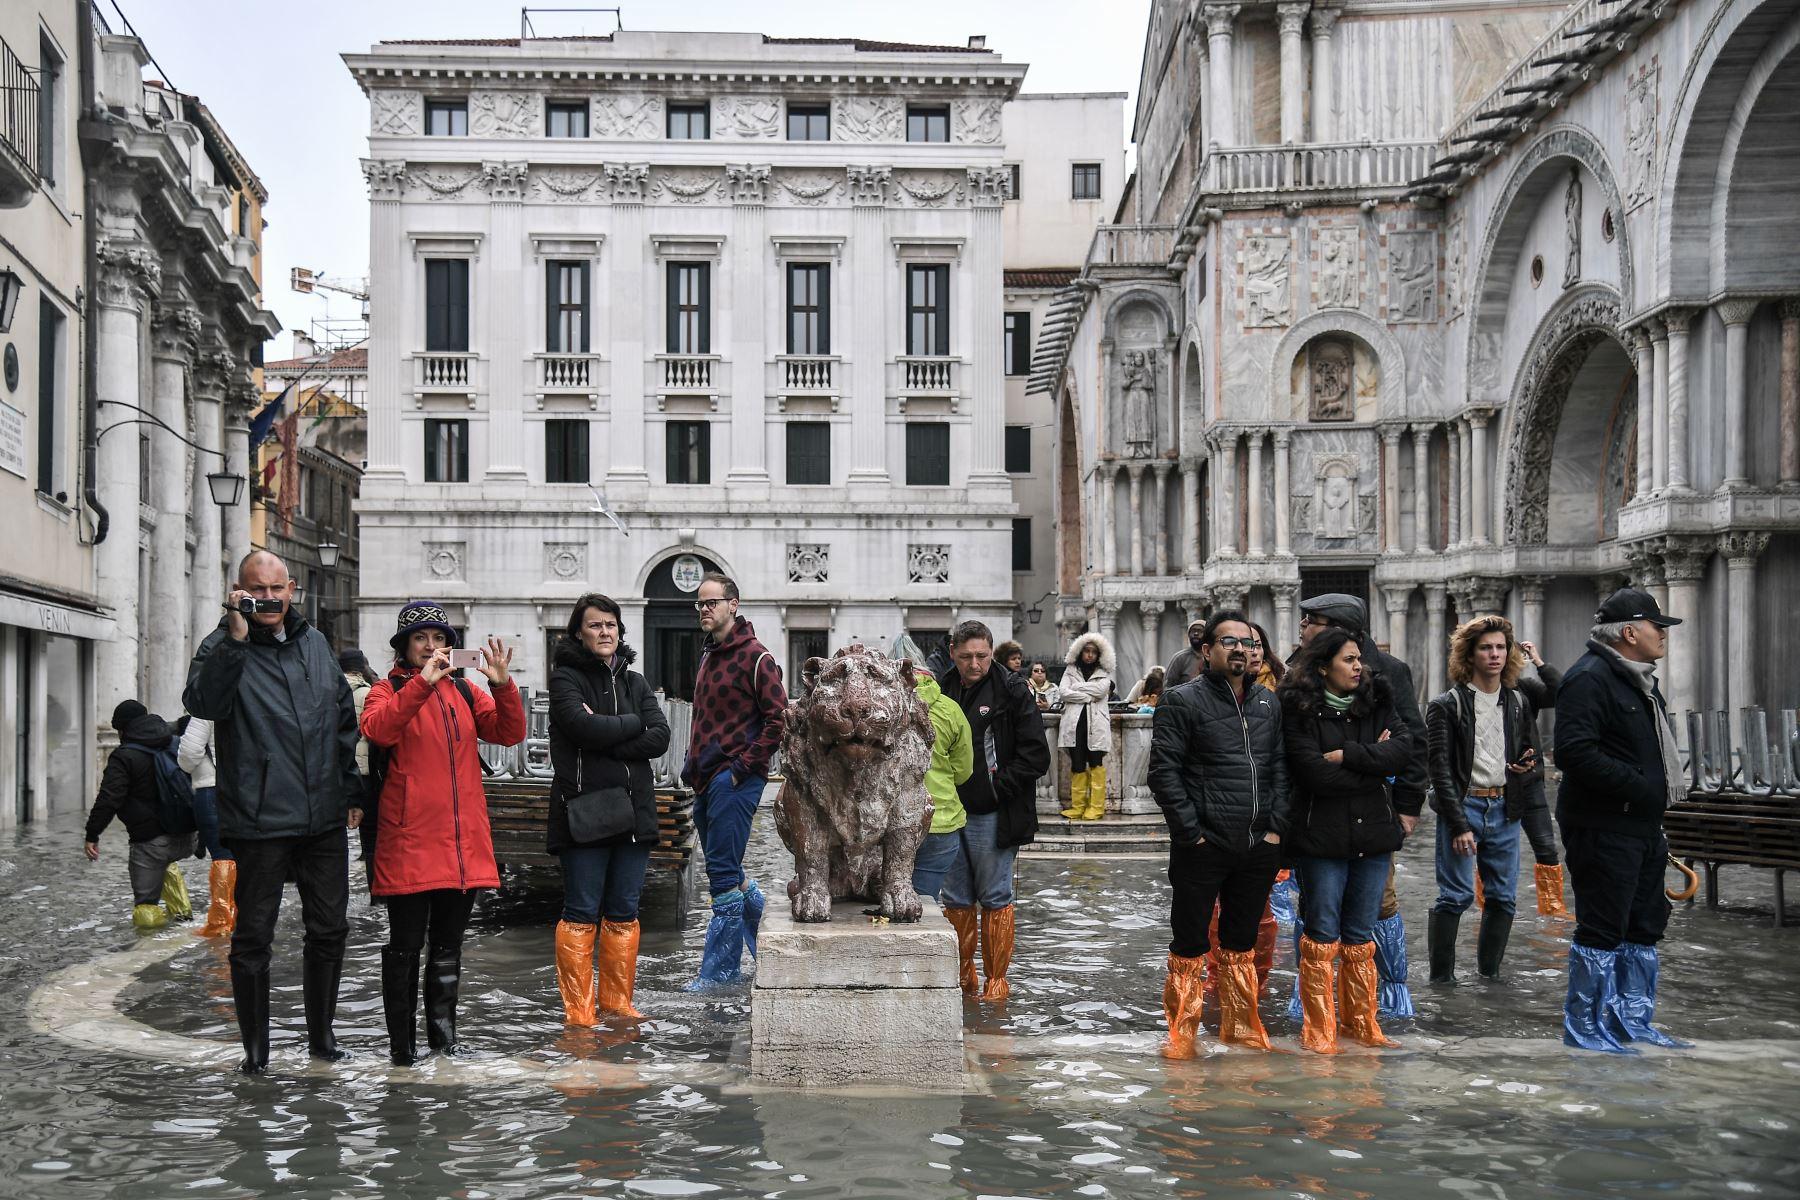 La gente mira desde la inundada Piazzetta dei Leoncini junto a la Basílica de San Marcos (R) y el Palazzo Patriarcale después de un excepcional nivel de agua durante la marea alta en Venecia. Foto: AFP